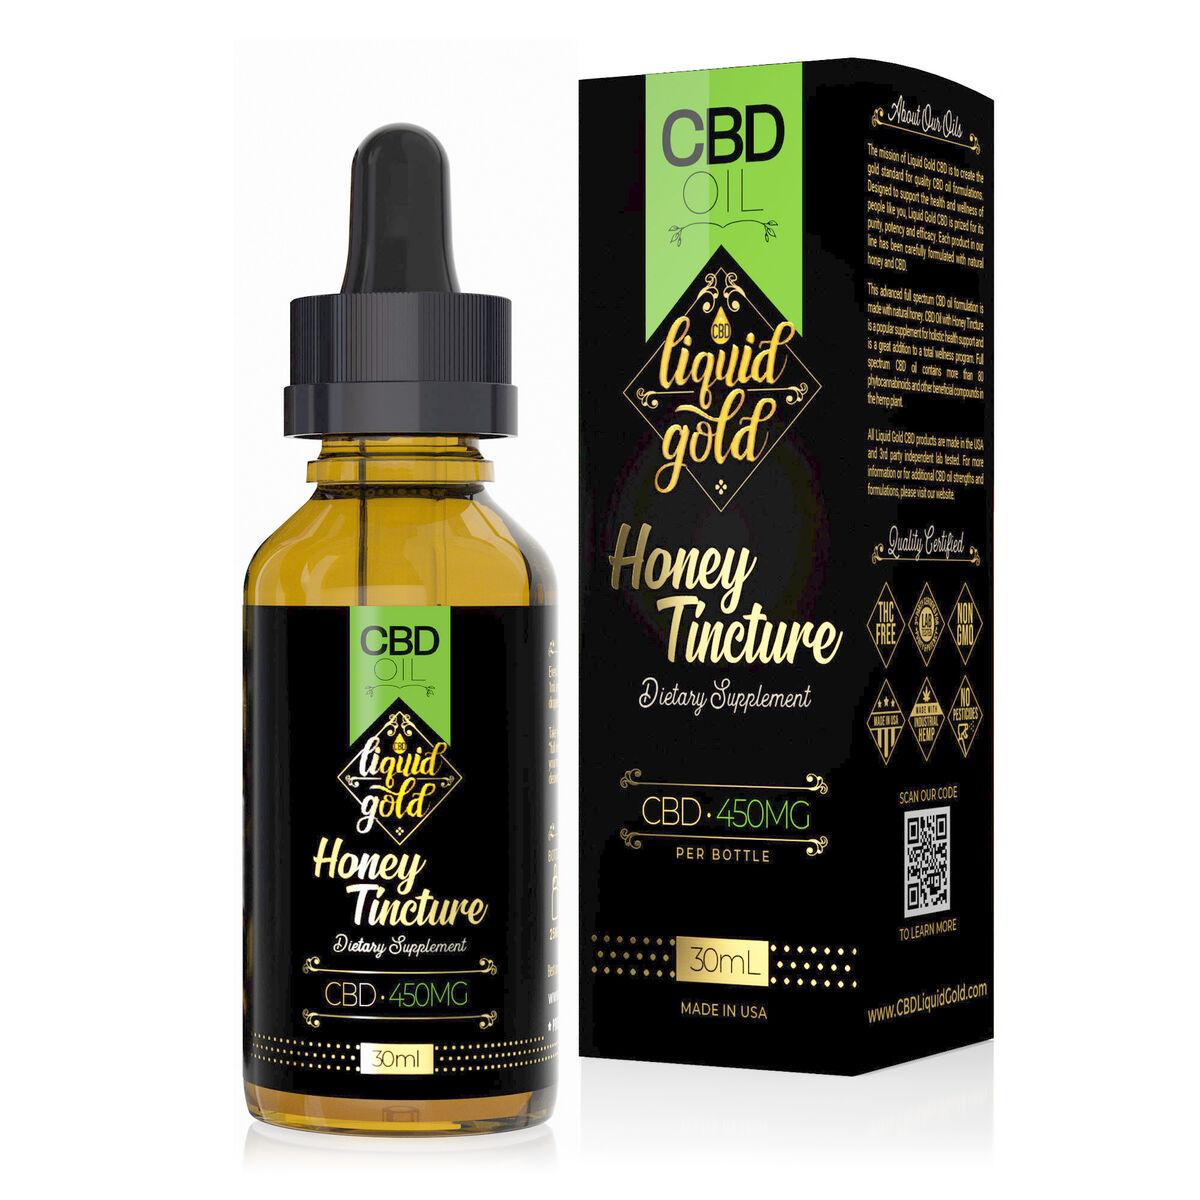 Liquid Gold CBD Oil Honey Tincture